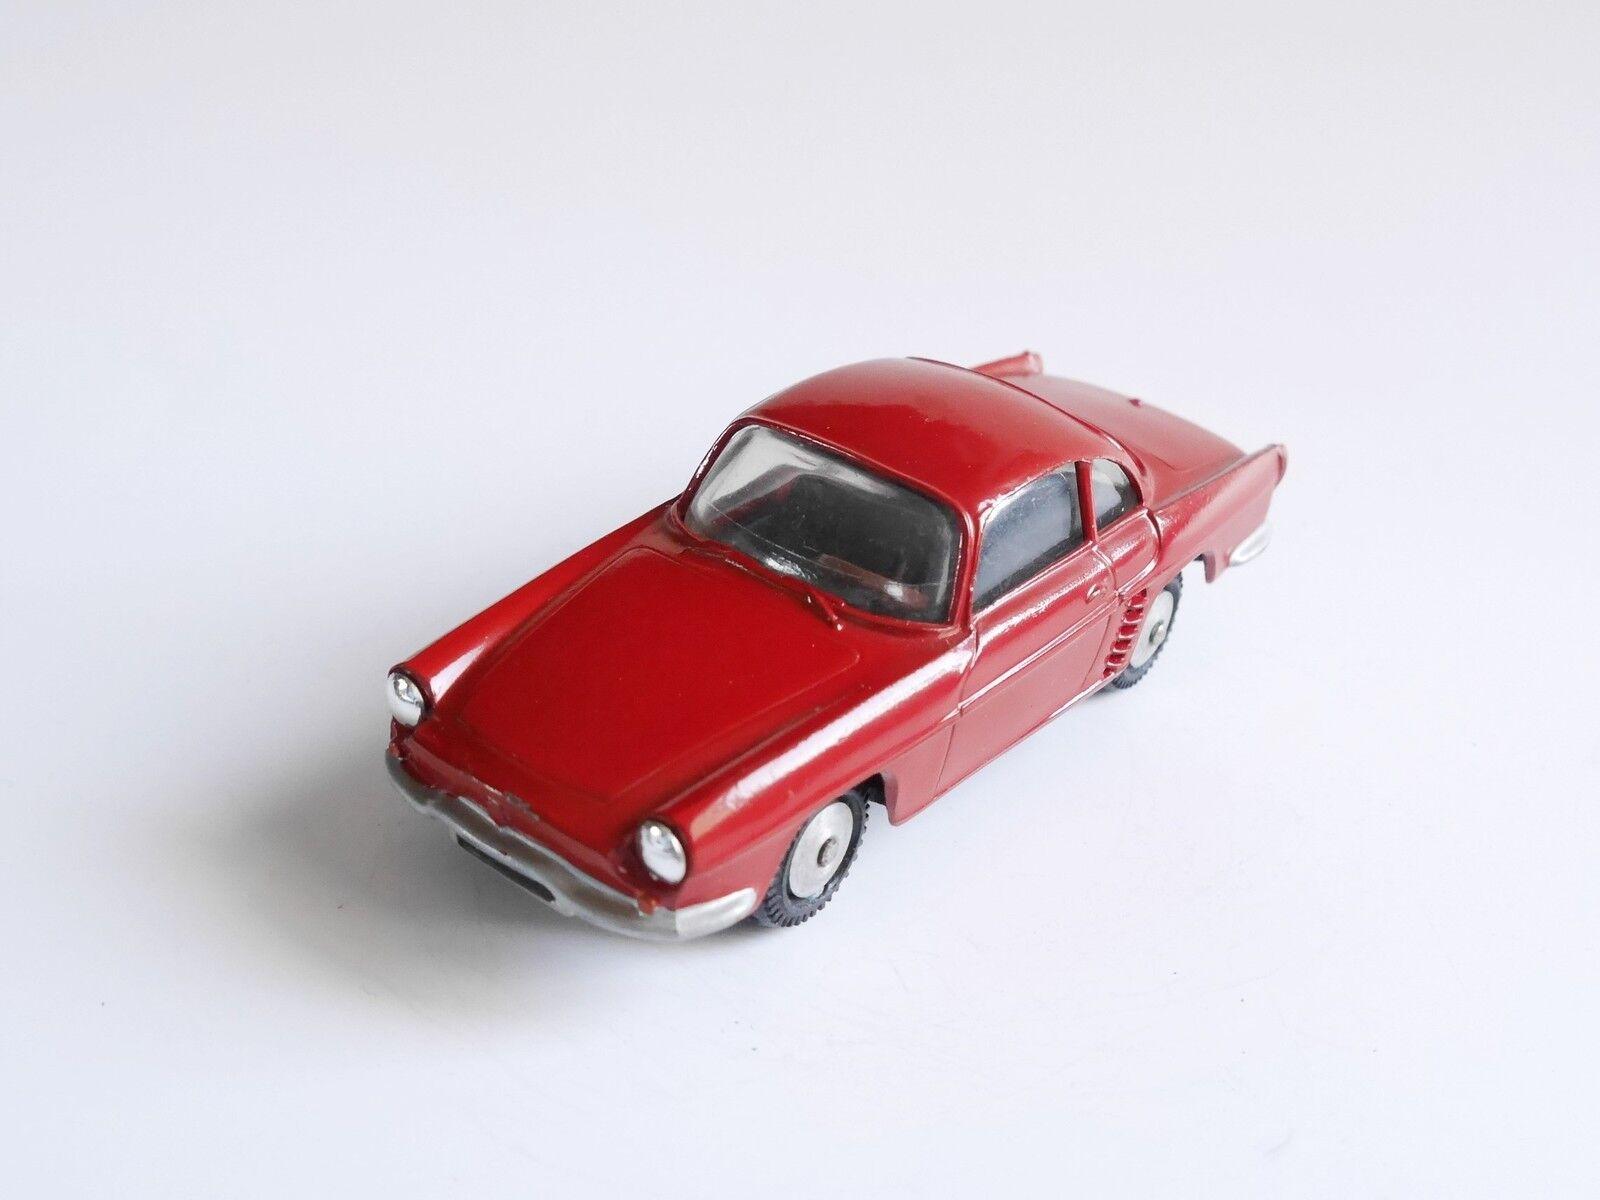 RENAULT Ventavis coupé coupé coupé en Rouge Rouge rouge ROJA rouge, METOSUL Portugal en 1 43 163556